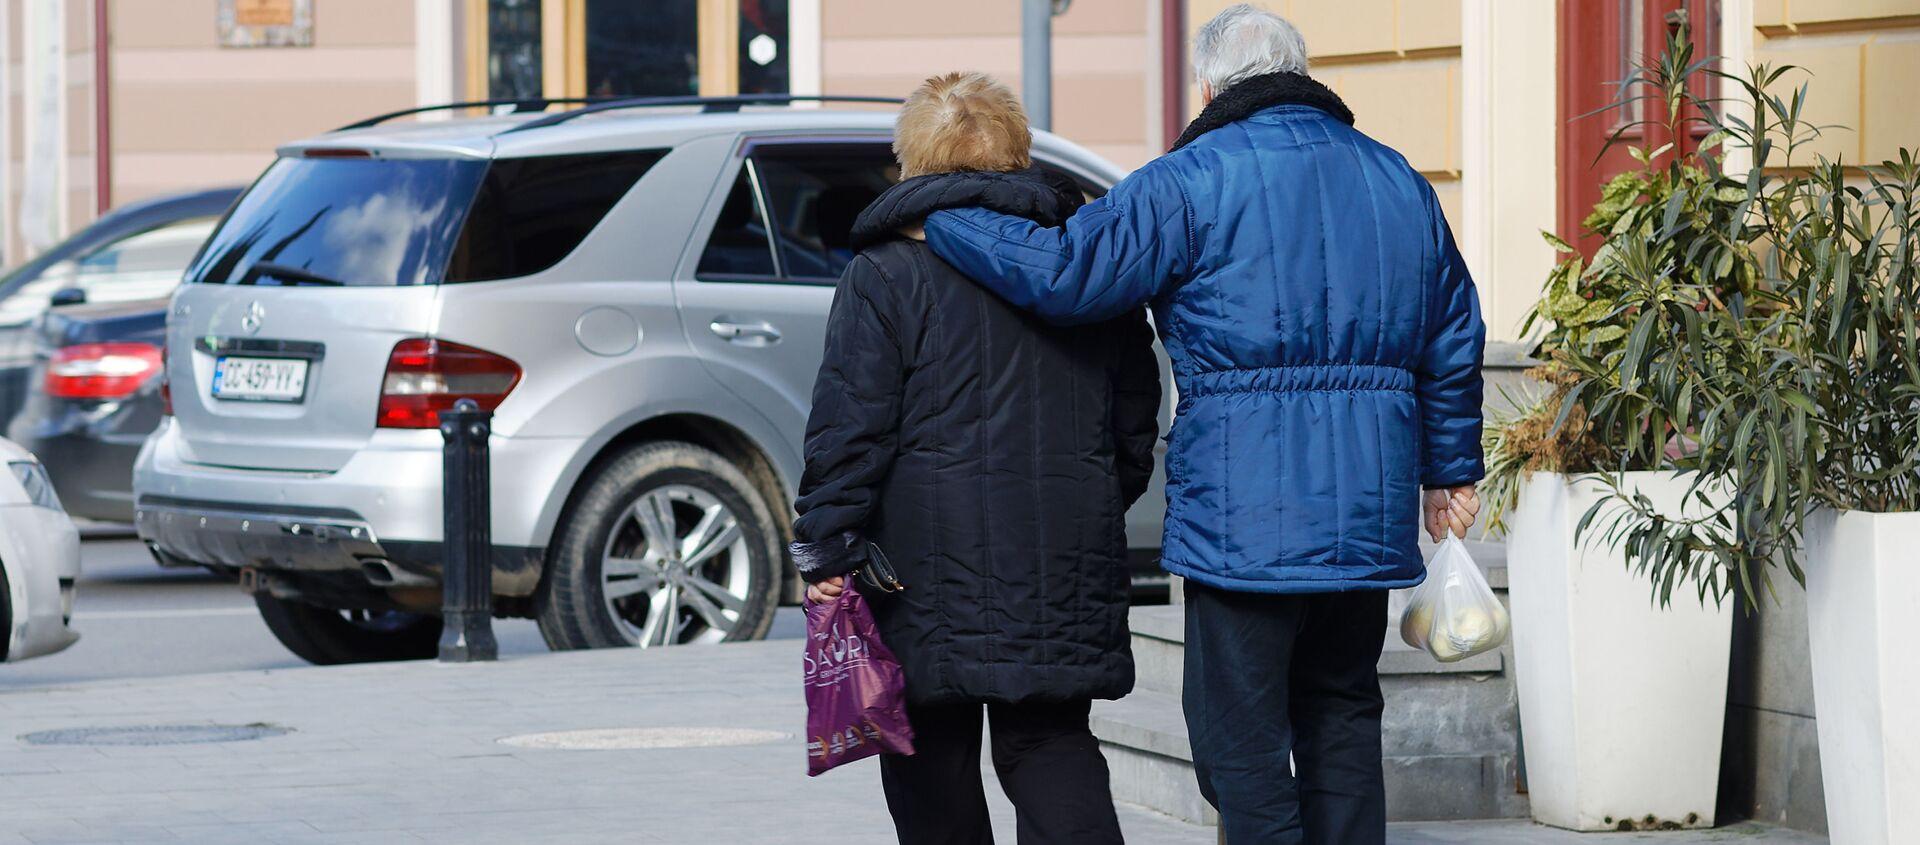 Пожилая семейная пара идет по улице с покупками - Sputnik Грузия, 1920, 06.02.2021